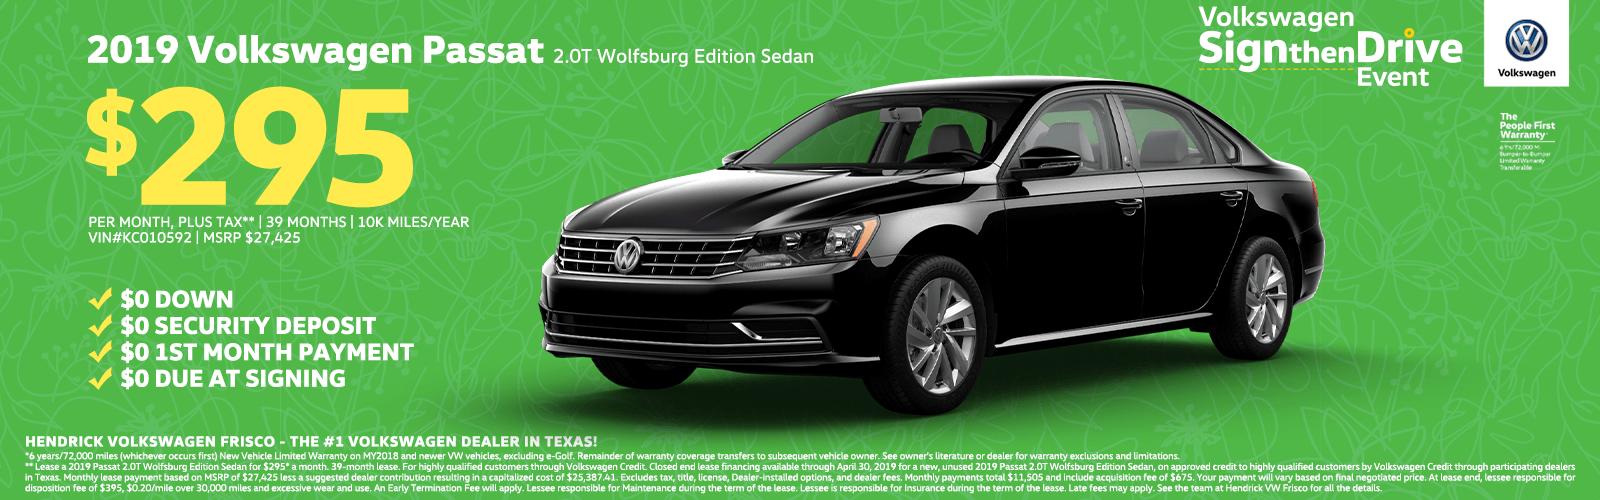 2019 Volkswagen Passat 2.0T Wolfsburg Edition Sedan $295 Homepage